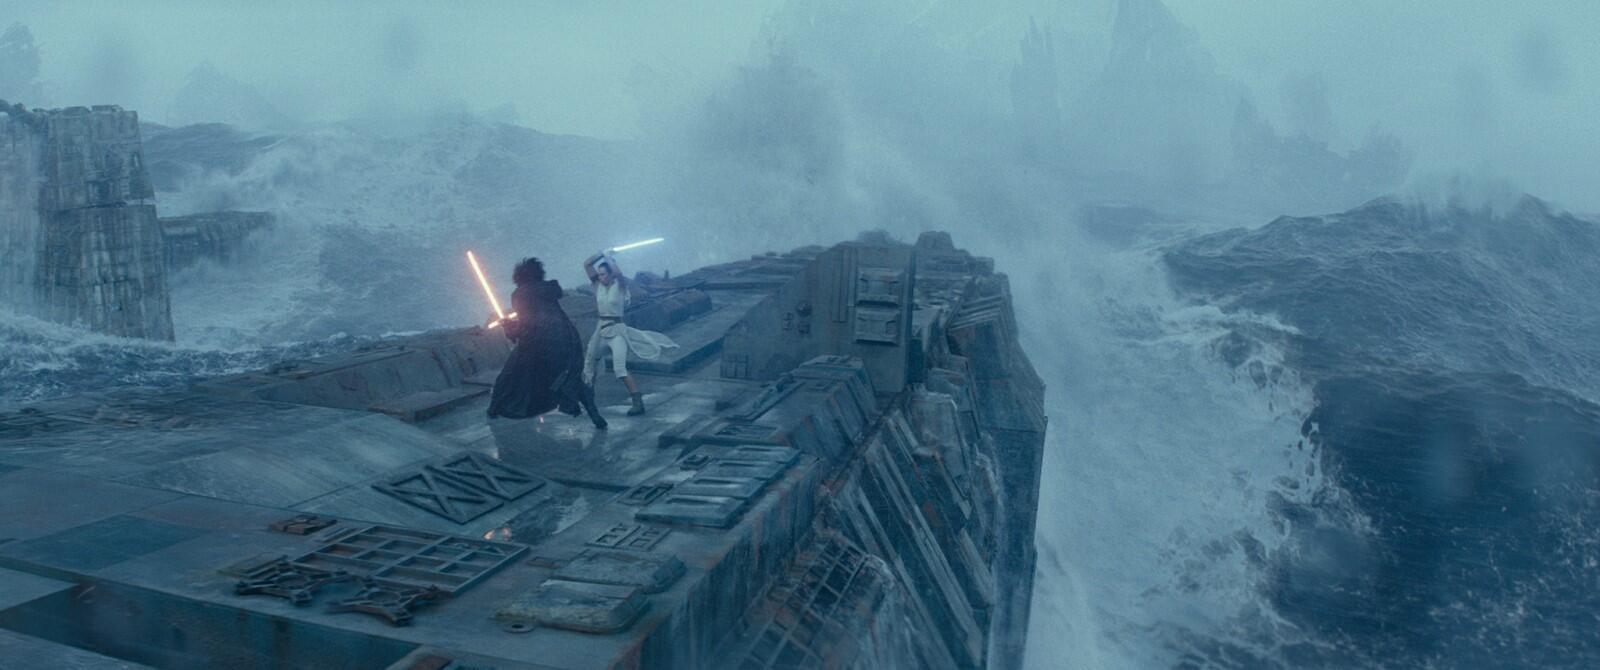 Imagem do nono e último episódio da trilogia de Star Wars em exibição nos cinemas do mundo. 18 de Dezembro de 2019